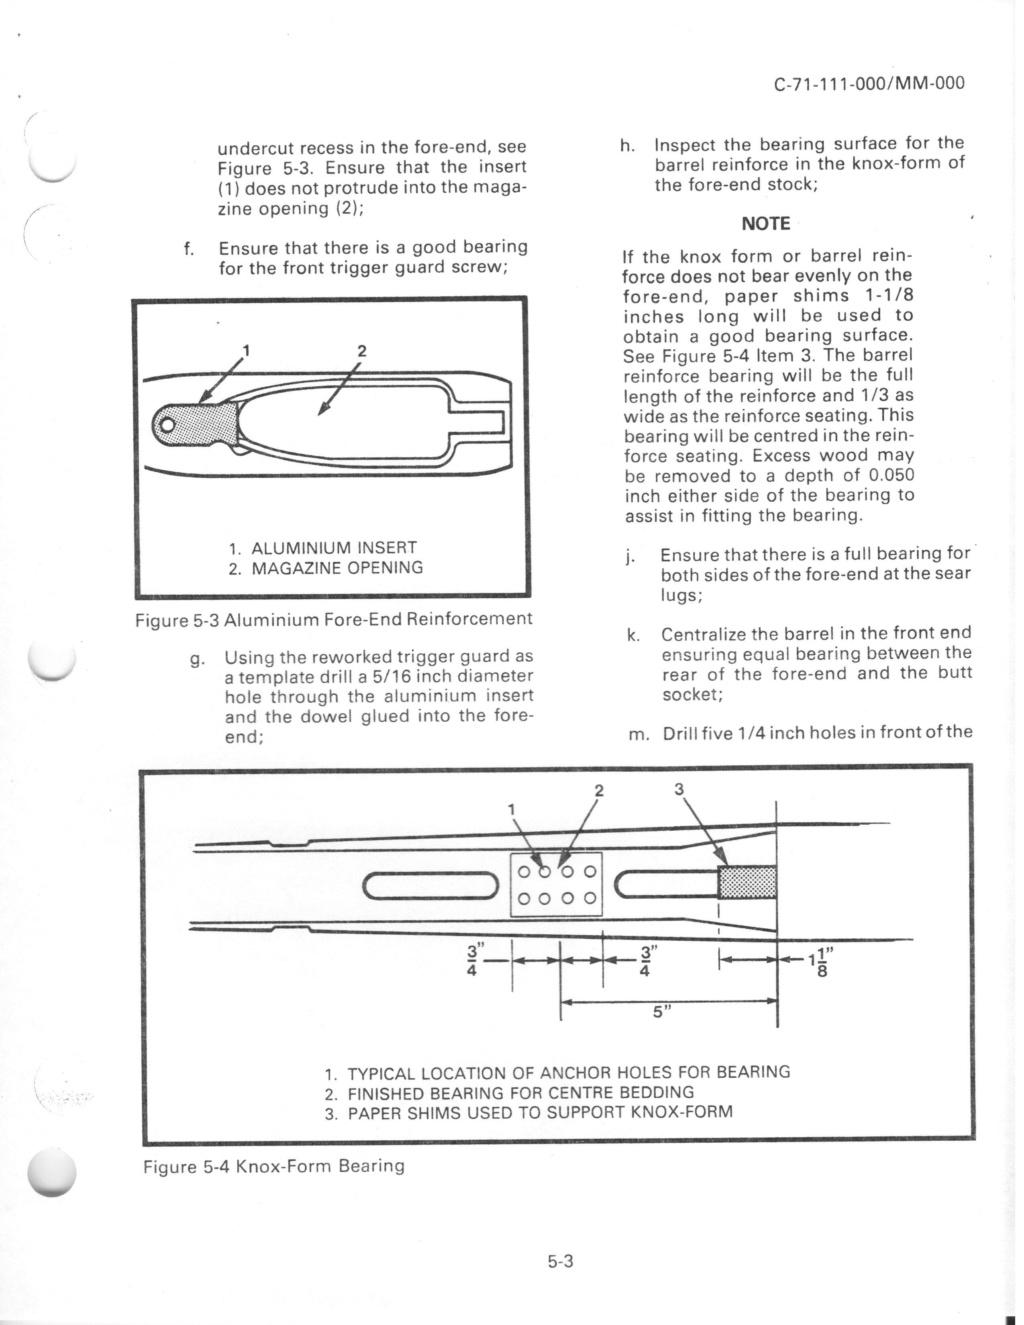 Preparation Enfield N4 P_5-312